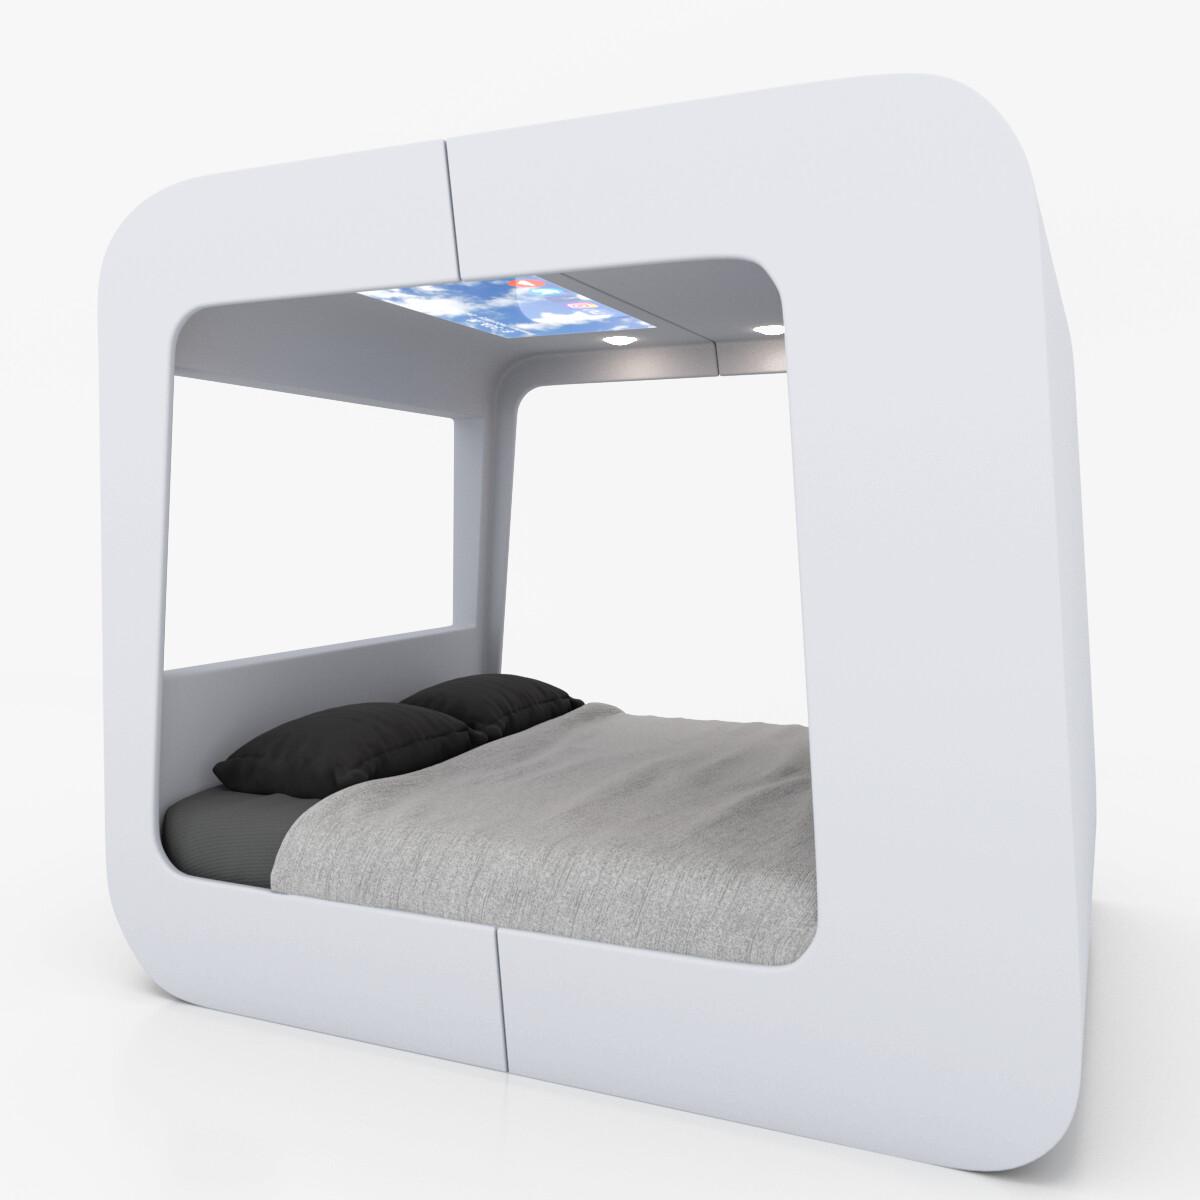 Jill Johnson Futuristic Bed